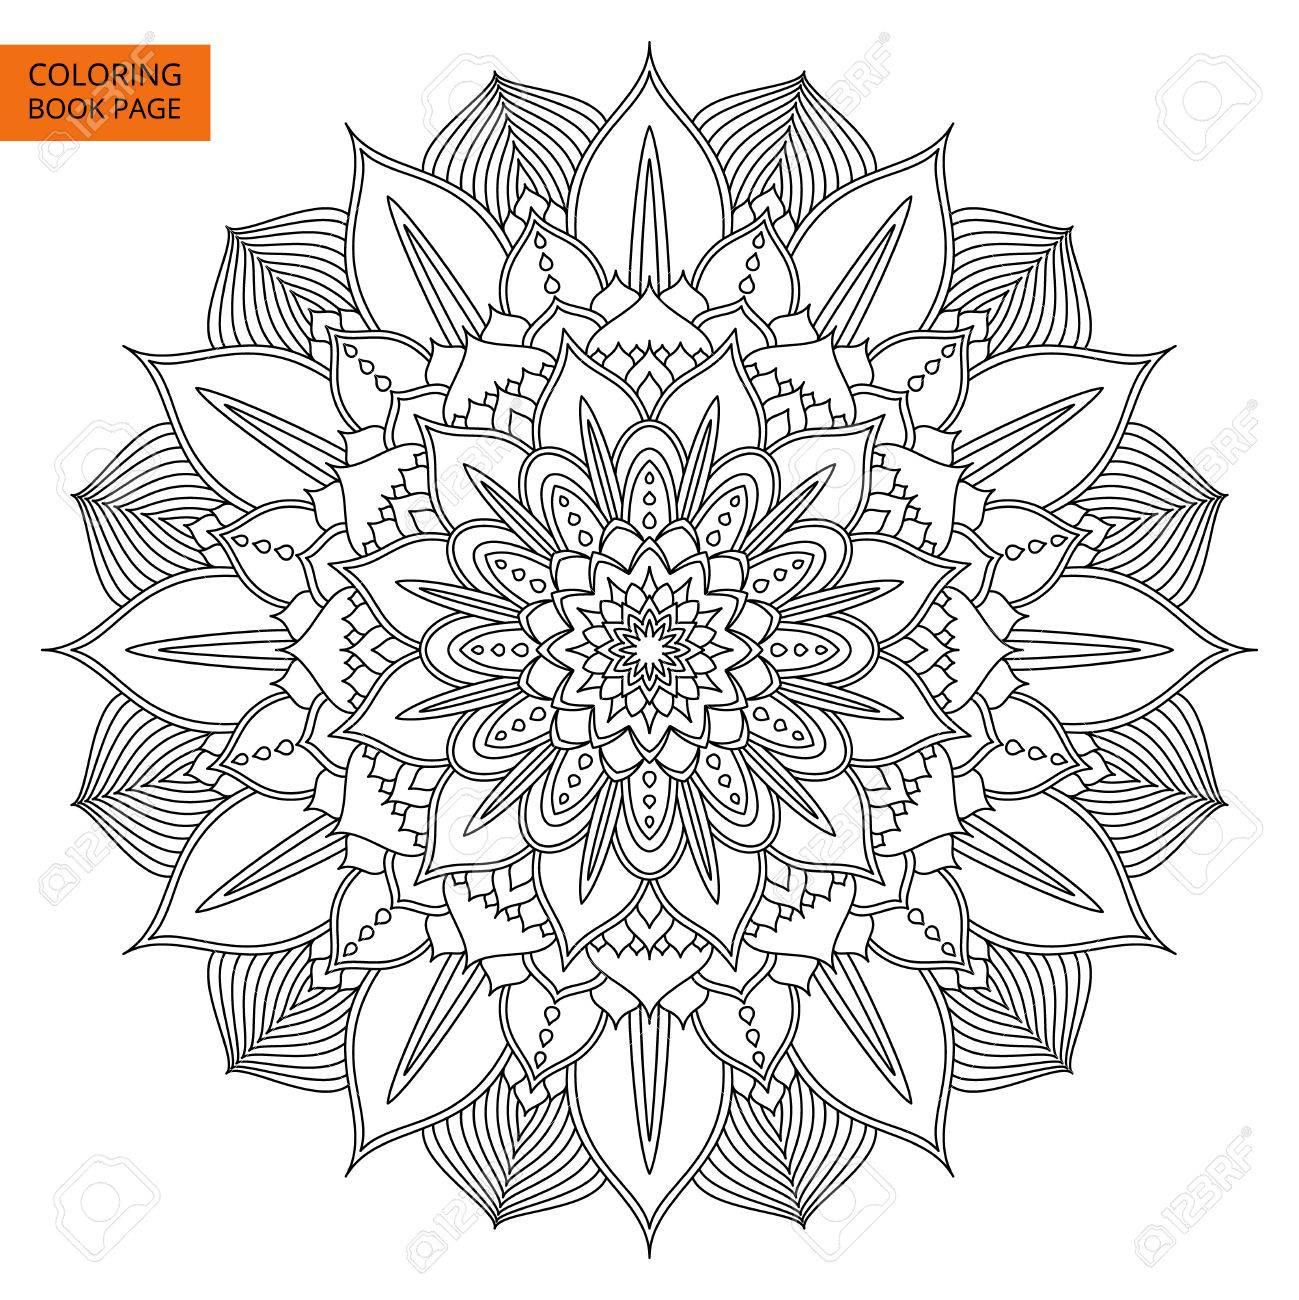 Noir Mandala Pour Livre De Coloriage Mandala De Ligne Isole Sur Fond Blanc Outline Mandala Pour La Page De Coloration Conception De Mandala Intricate Clip Art Libres De Droits Vecteurs Et